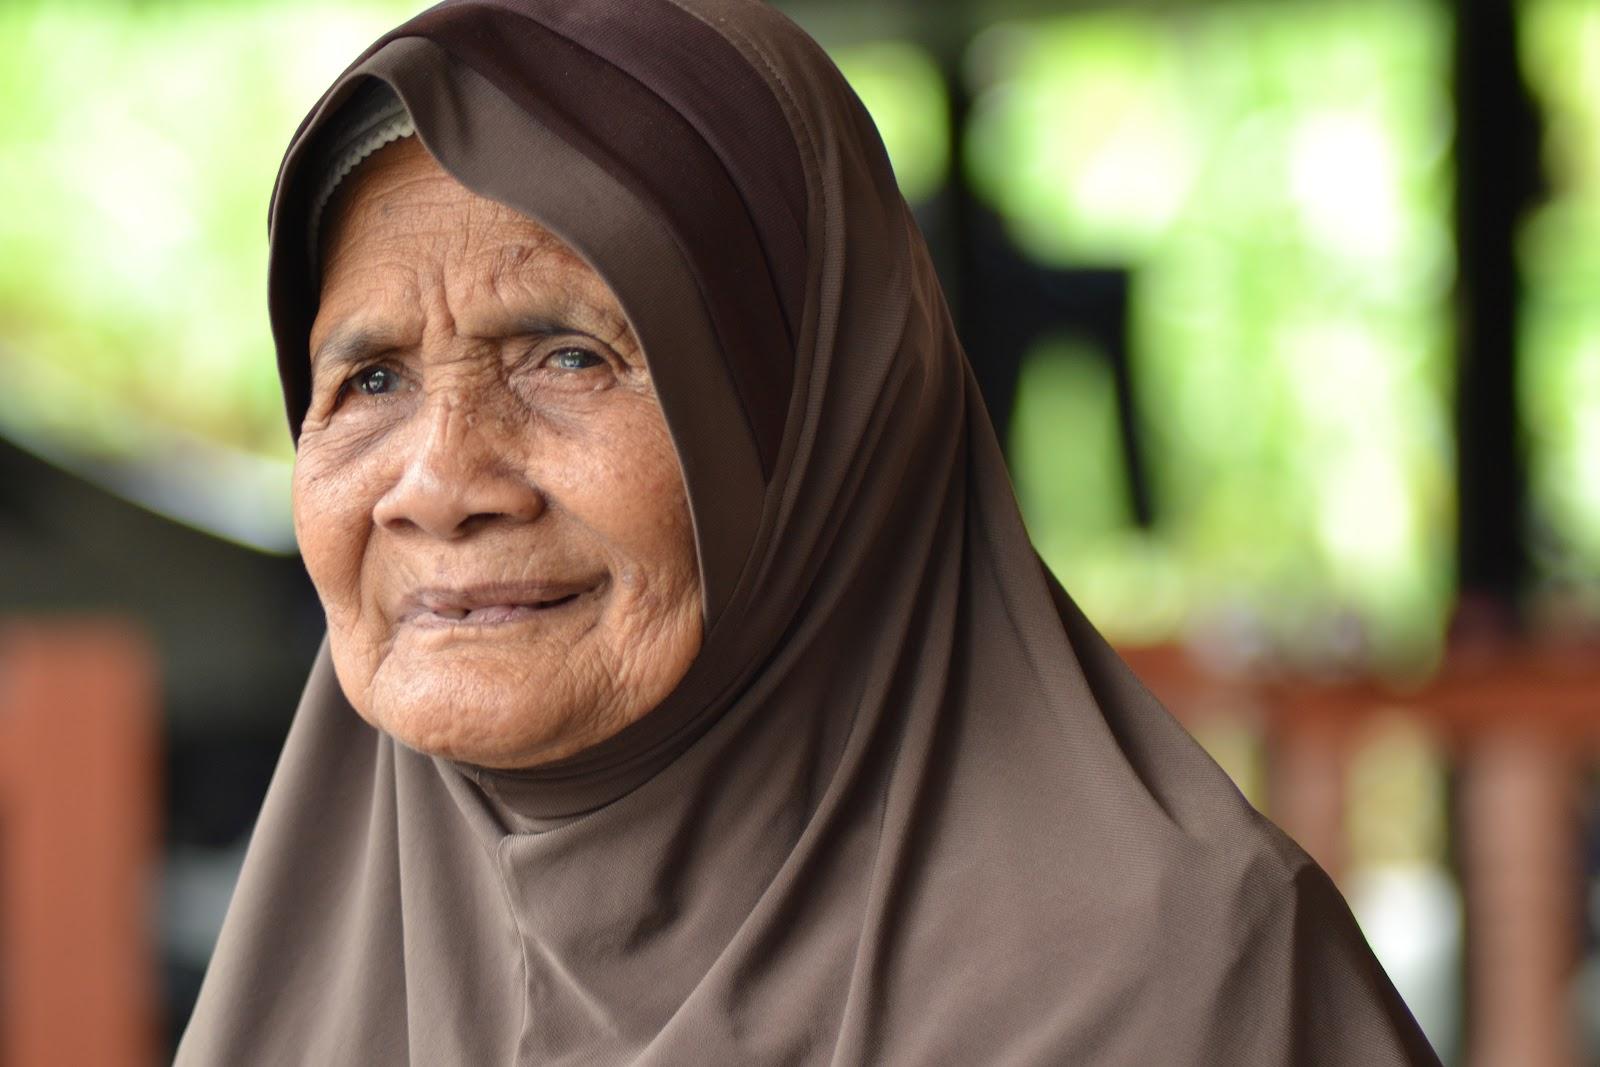 Bolehkah wanita tua berusia 70-an membuka wajah kepada bukan mahramnya?